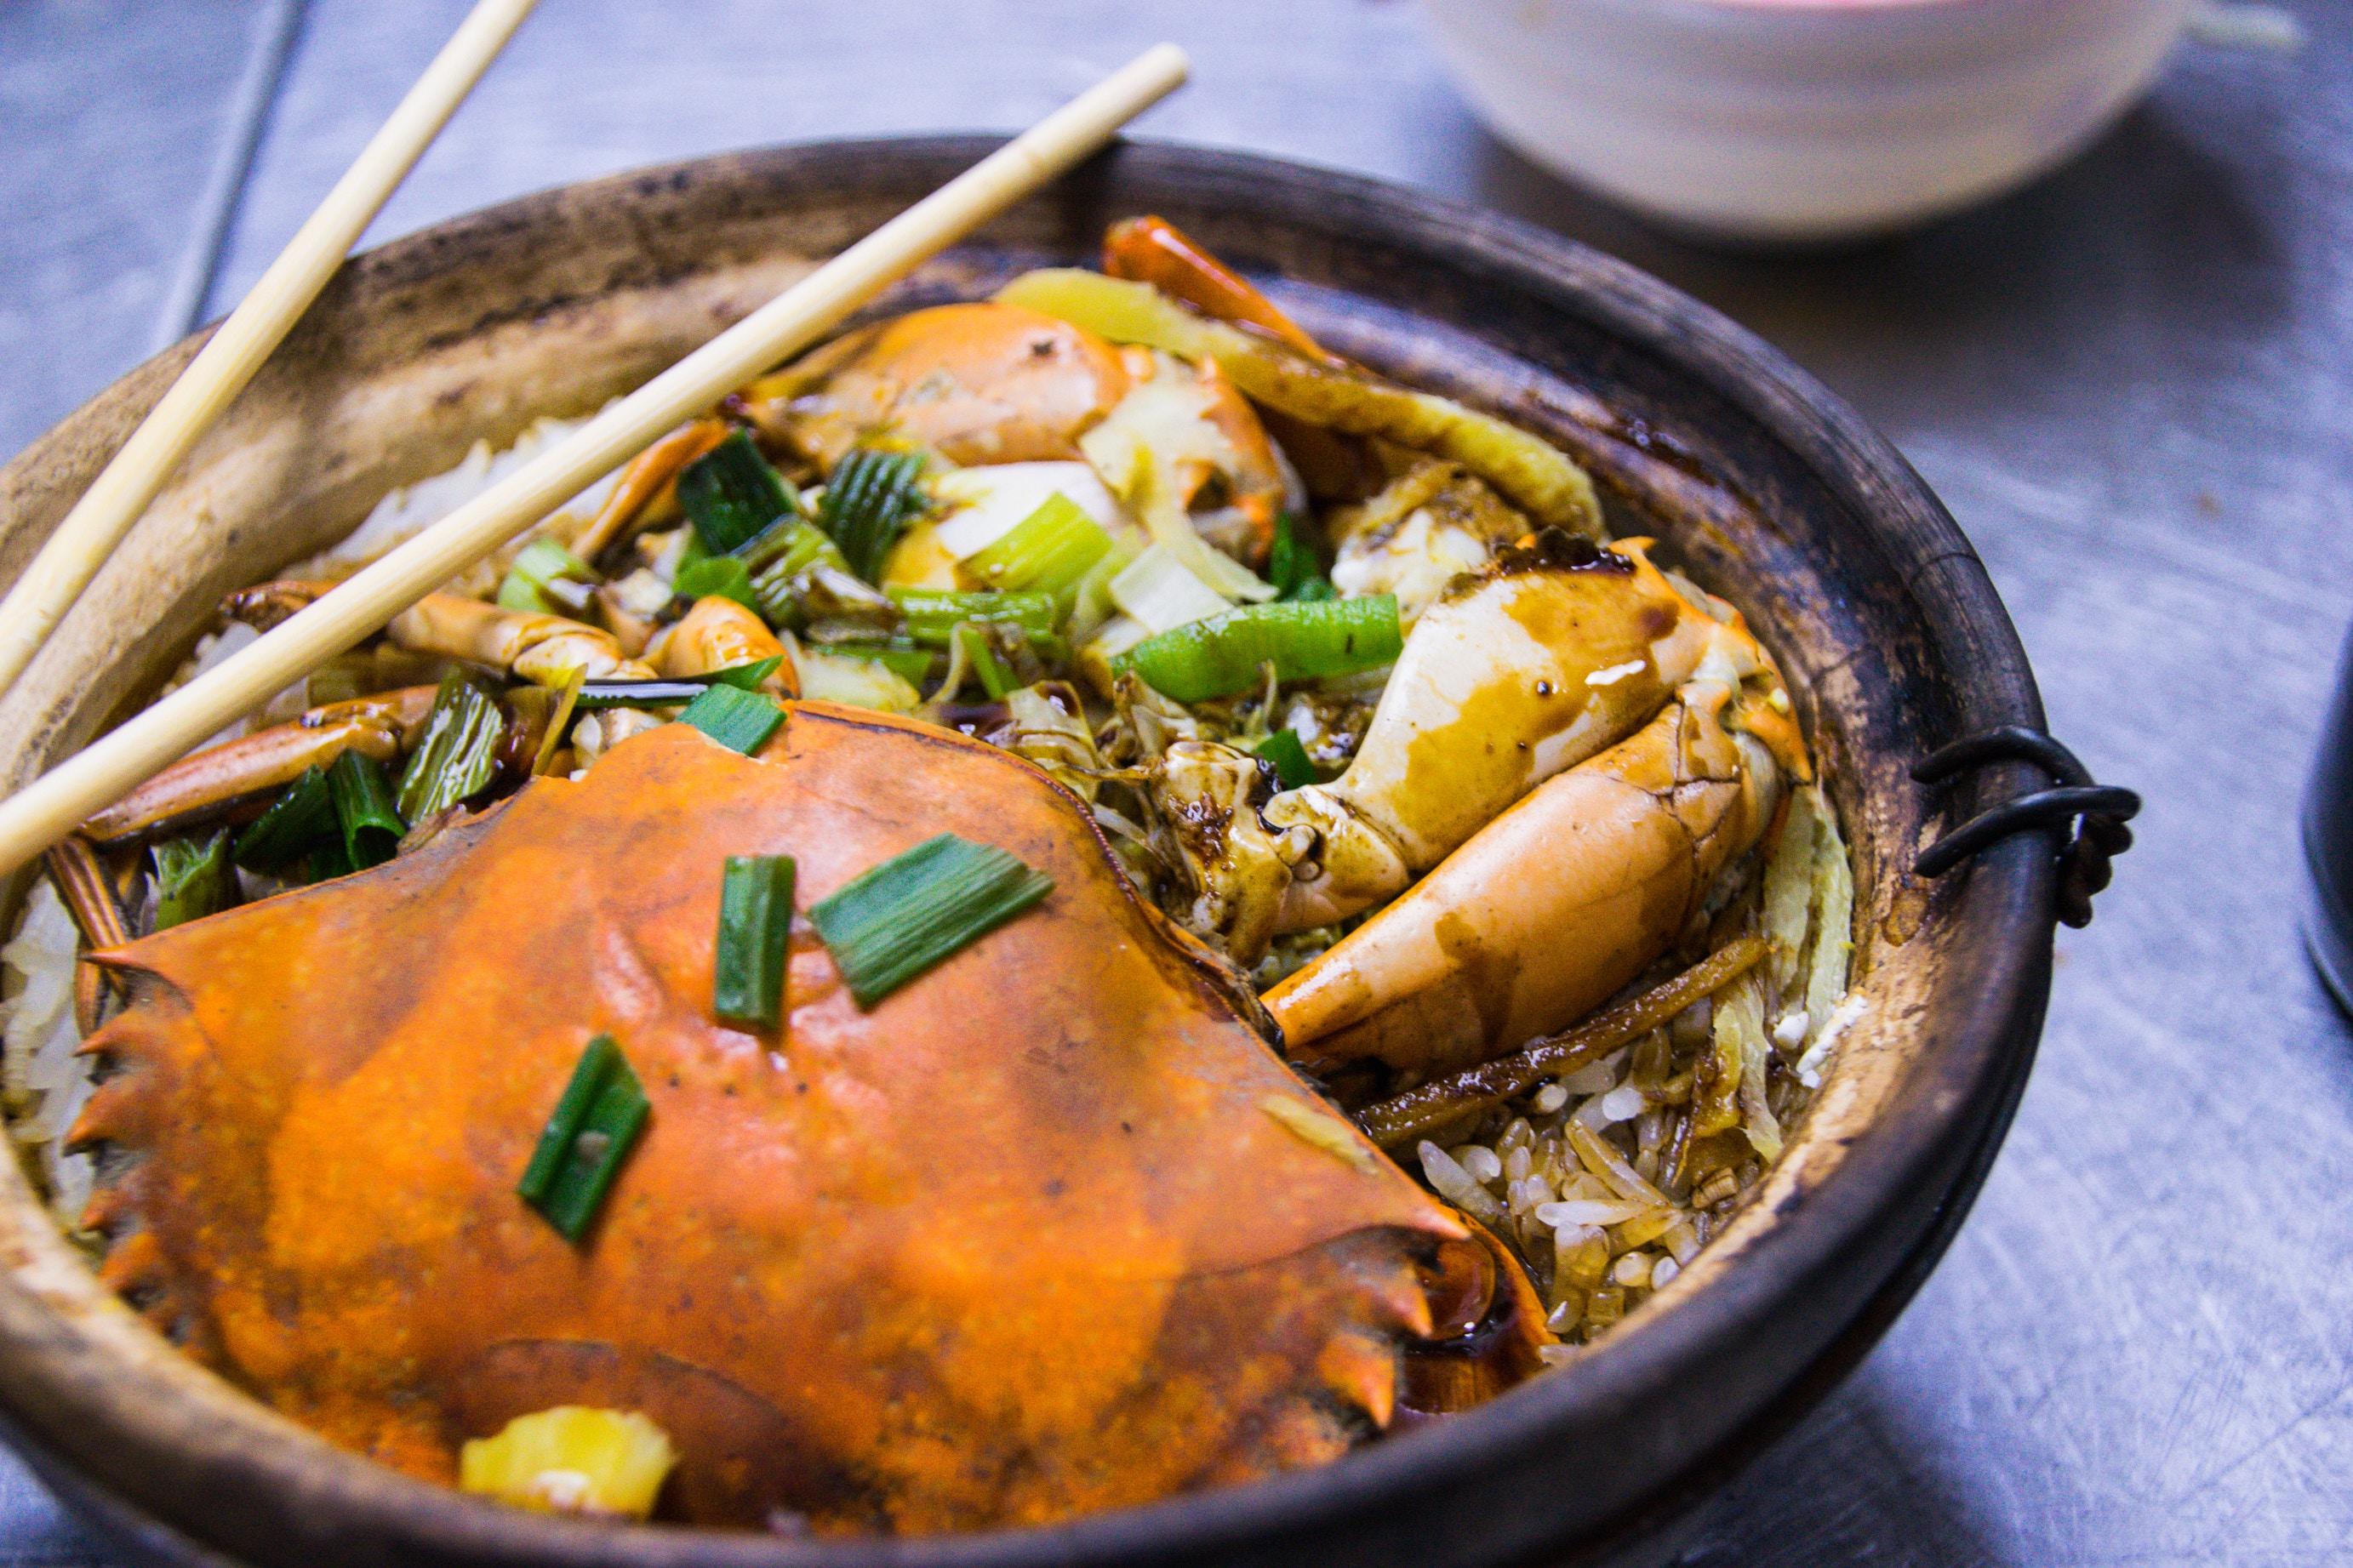 富山でカニ料理を堪能できるスポットをチェック!市場やランチが美味しい人気店も